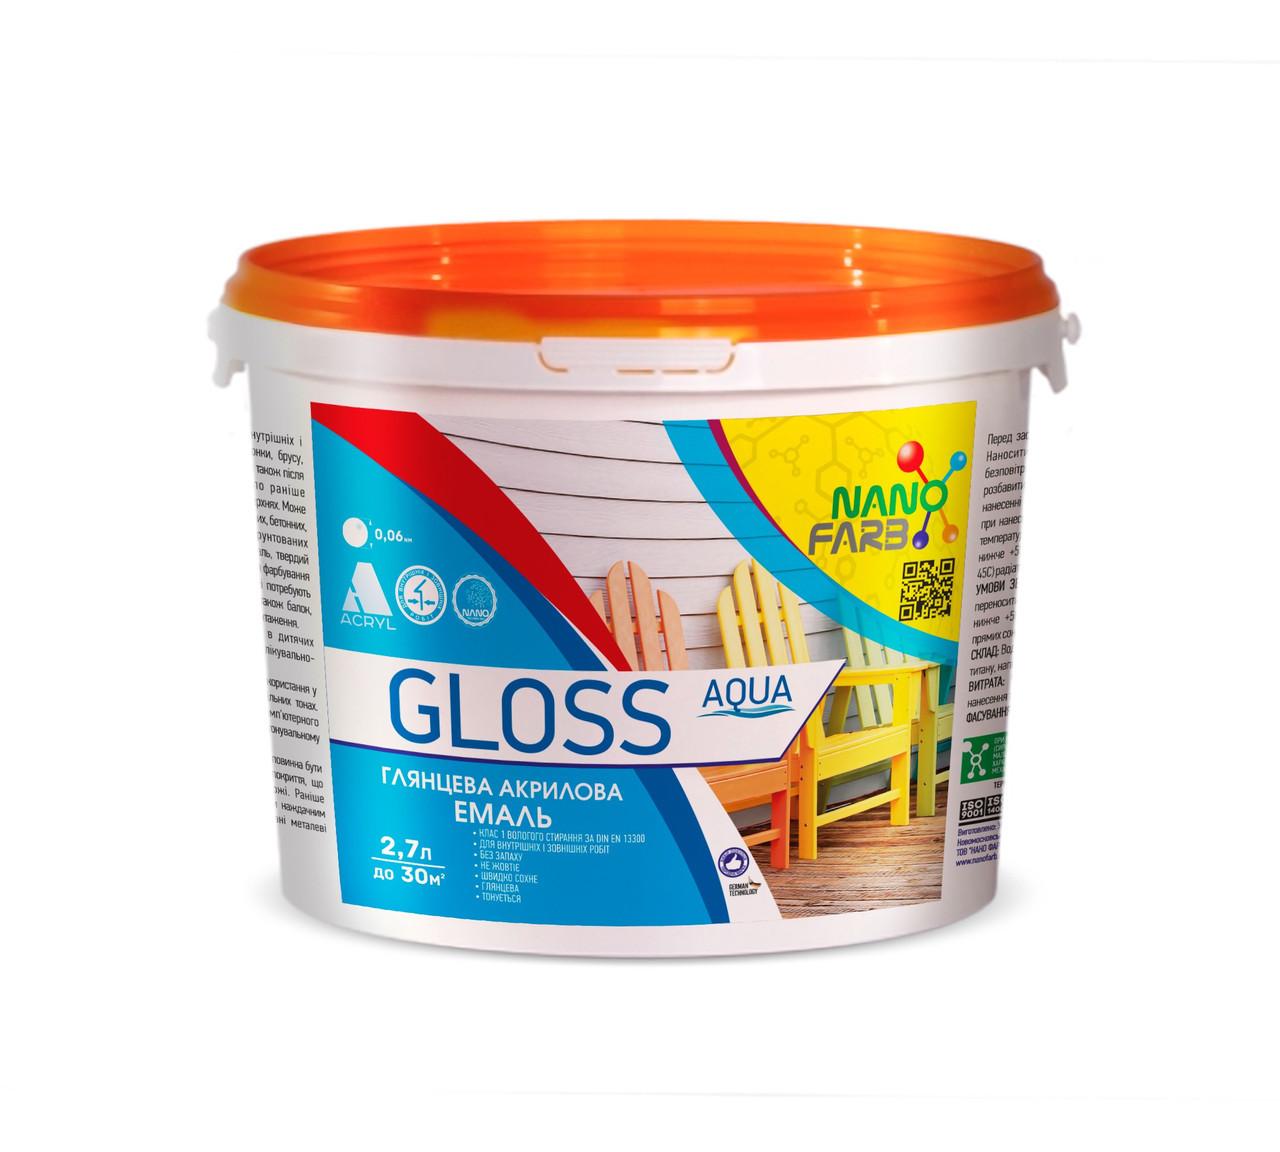 Эмаль универсальная Gloss Aqua Nano farb 2.7 л